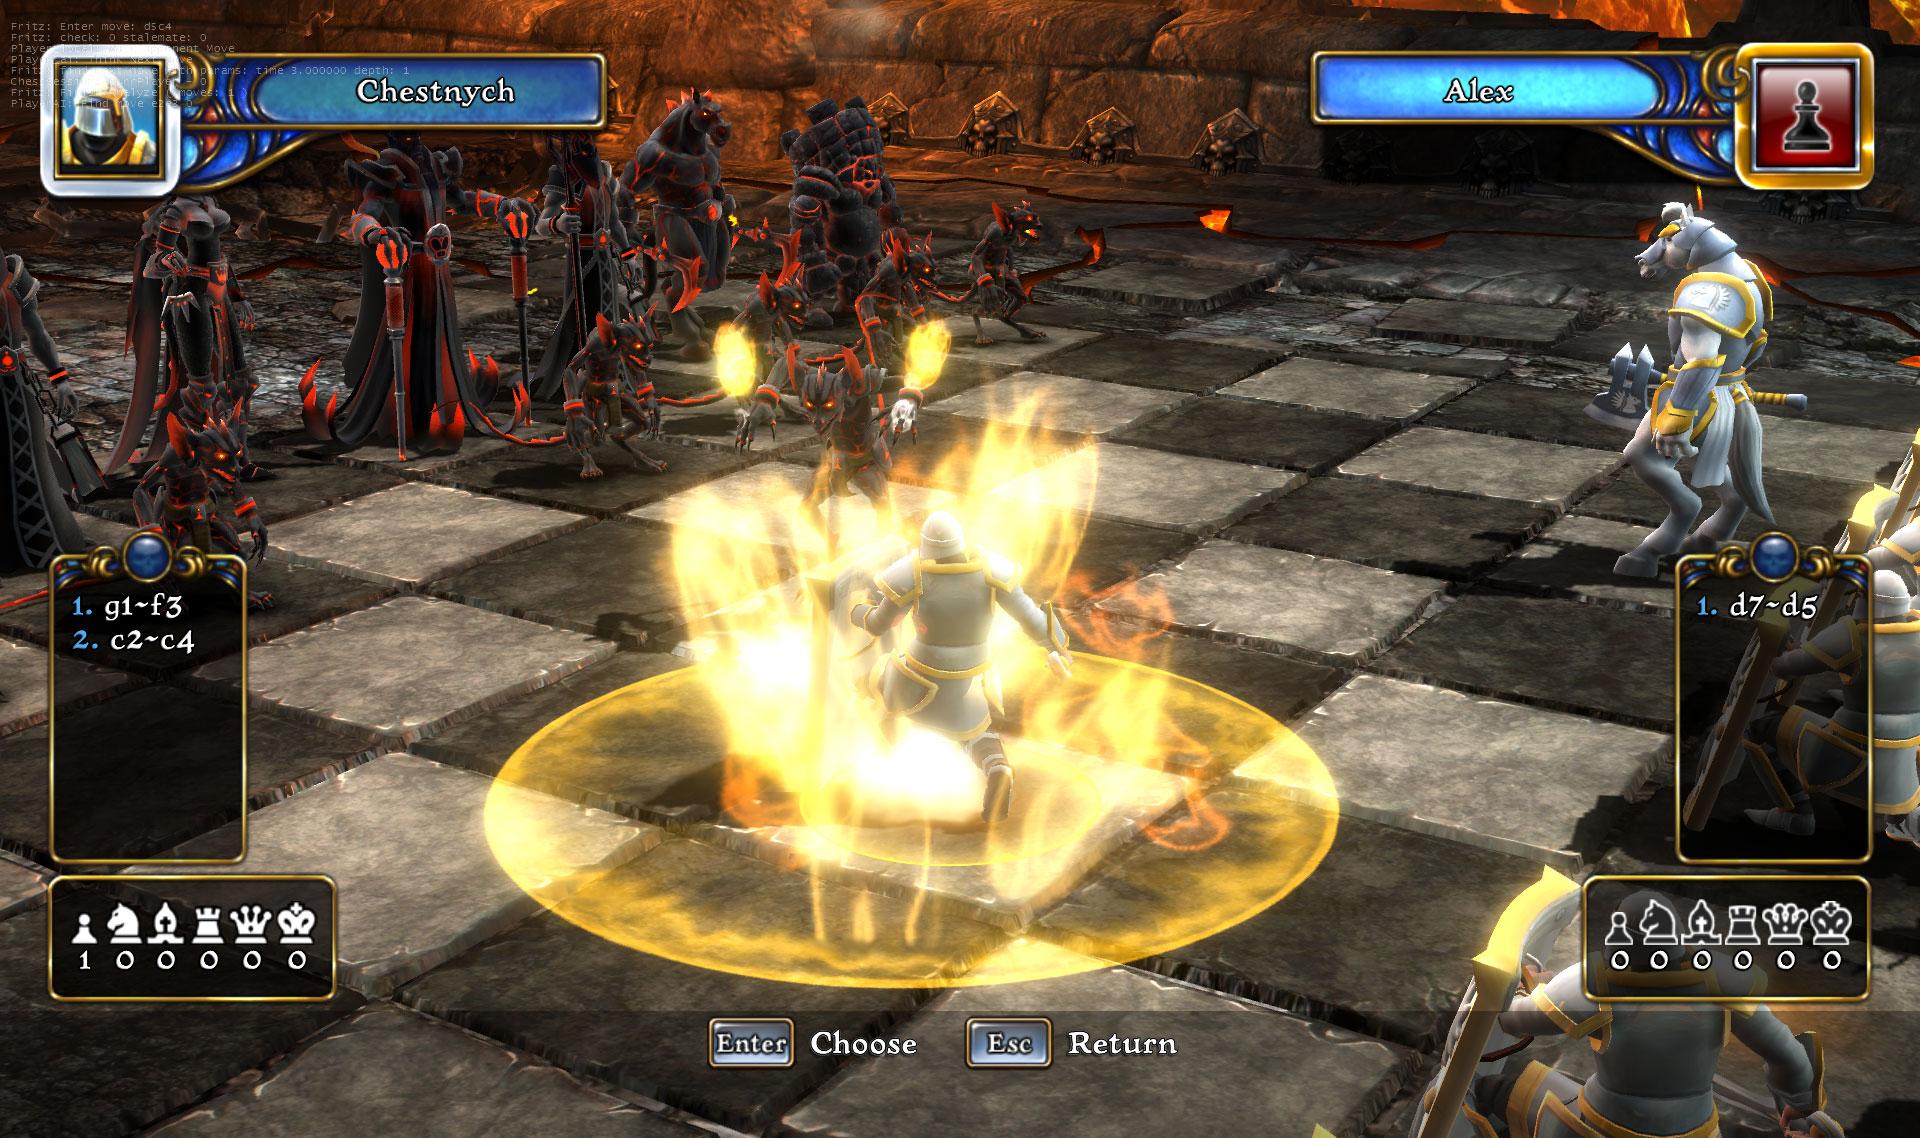 DOWNLOAD LINK:BATTLE VS CHESS PSP ISO